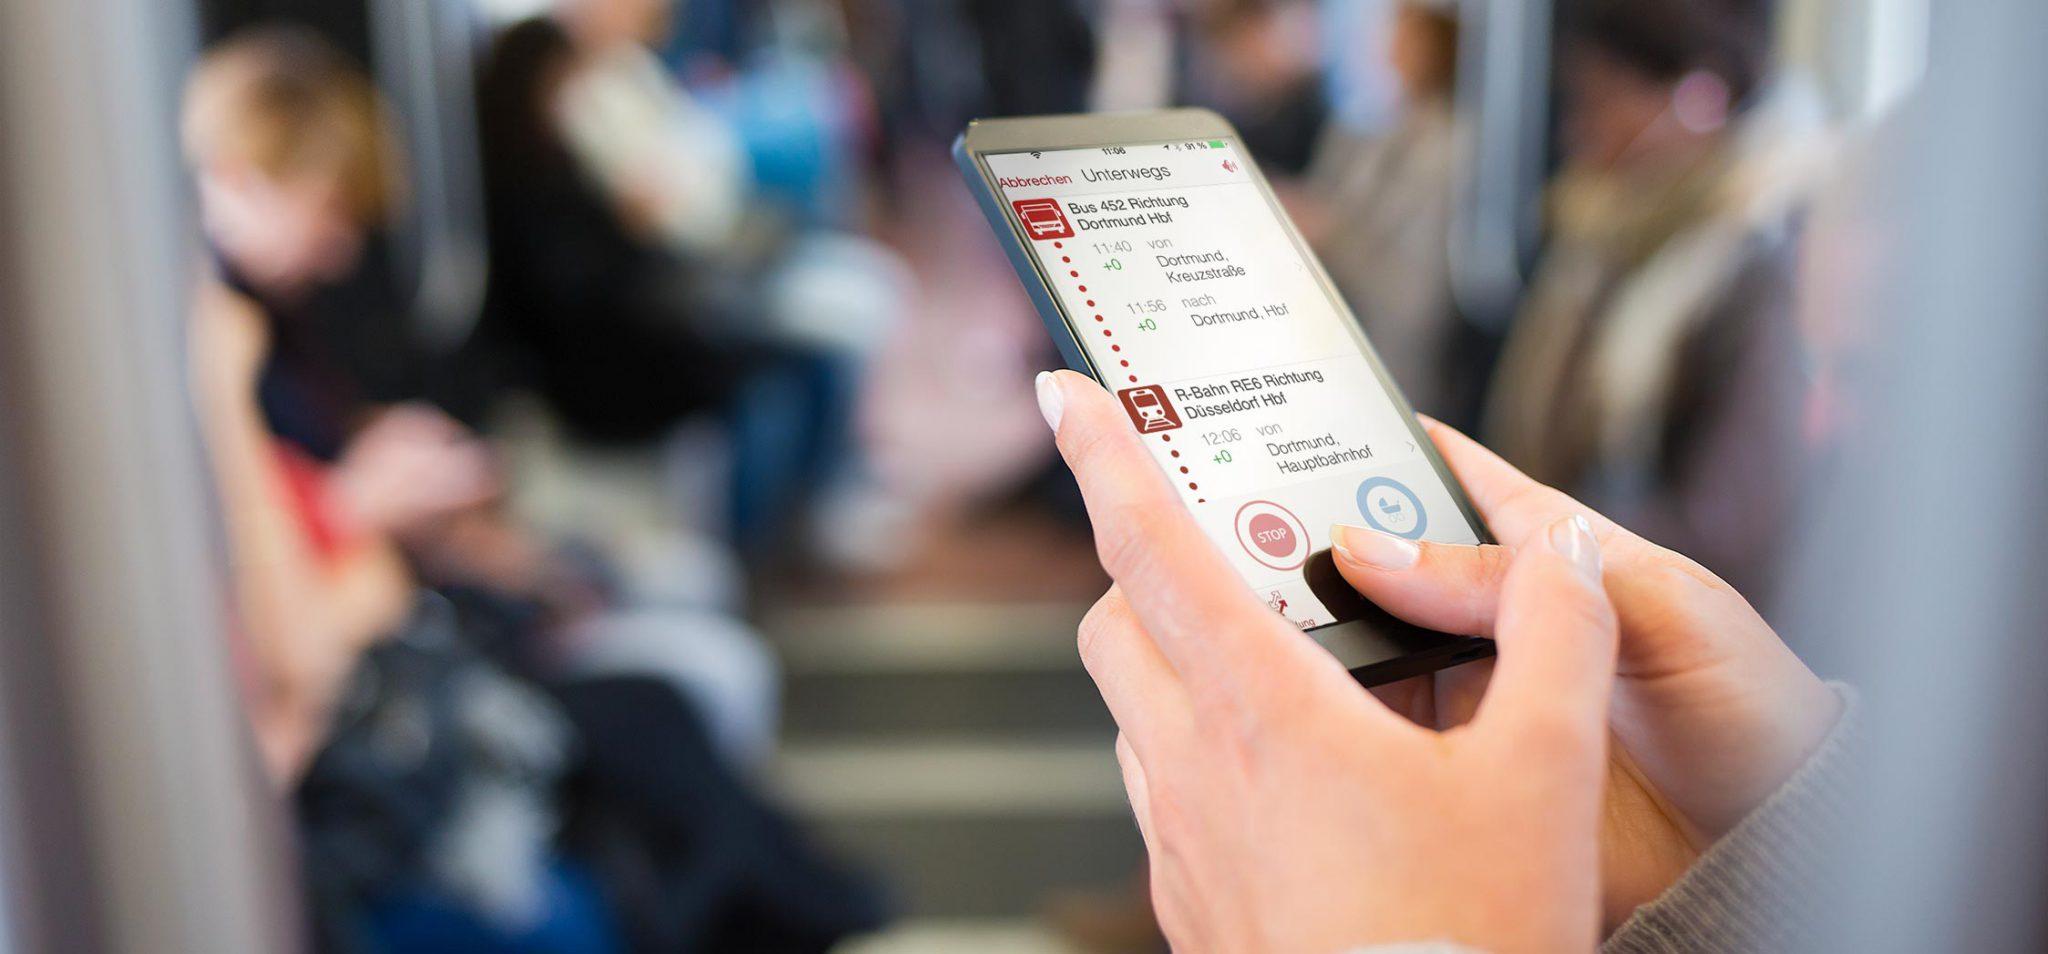 Handy mit der geöffneten App ivanto